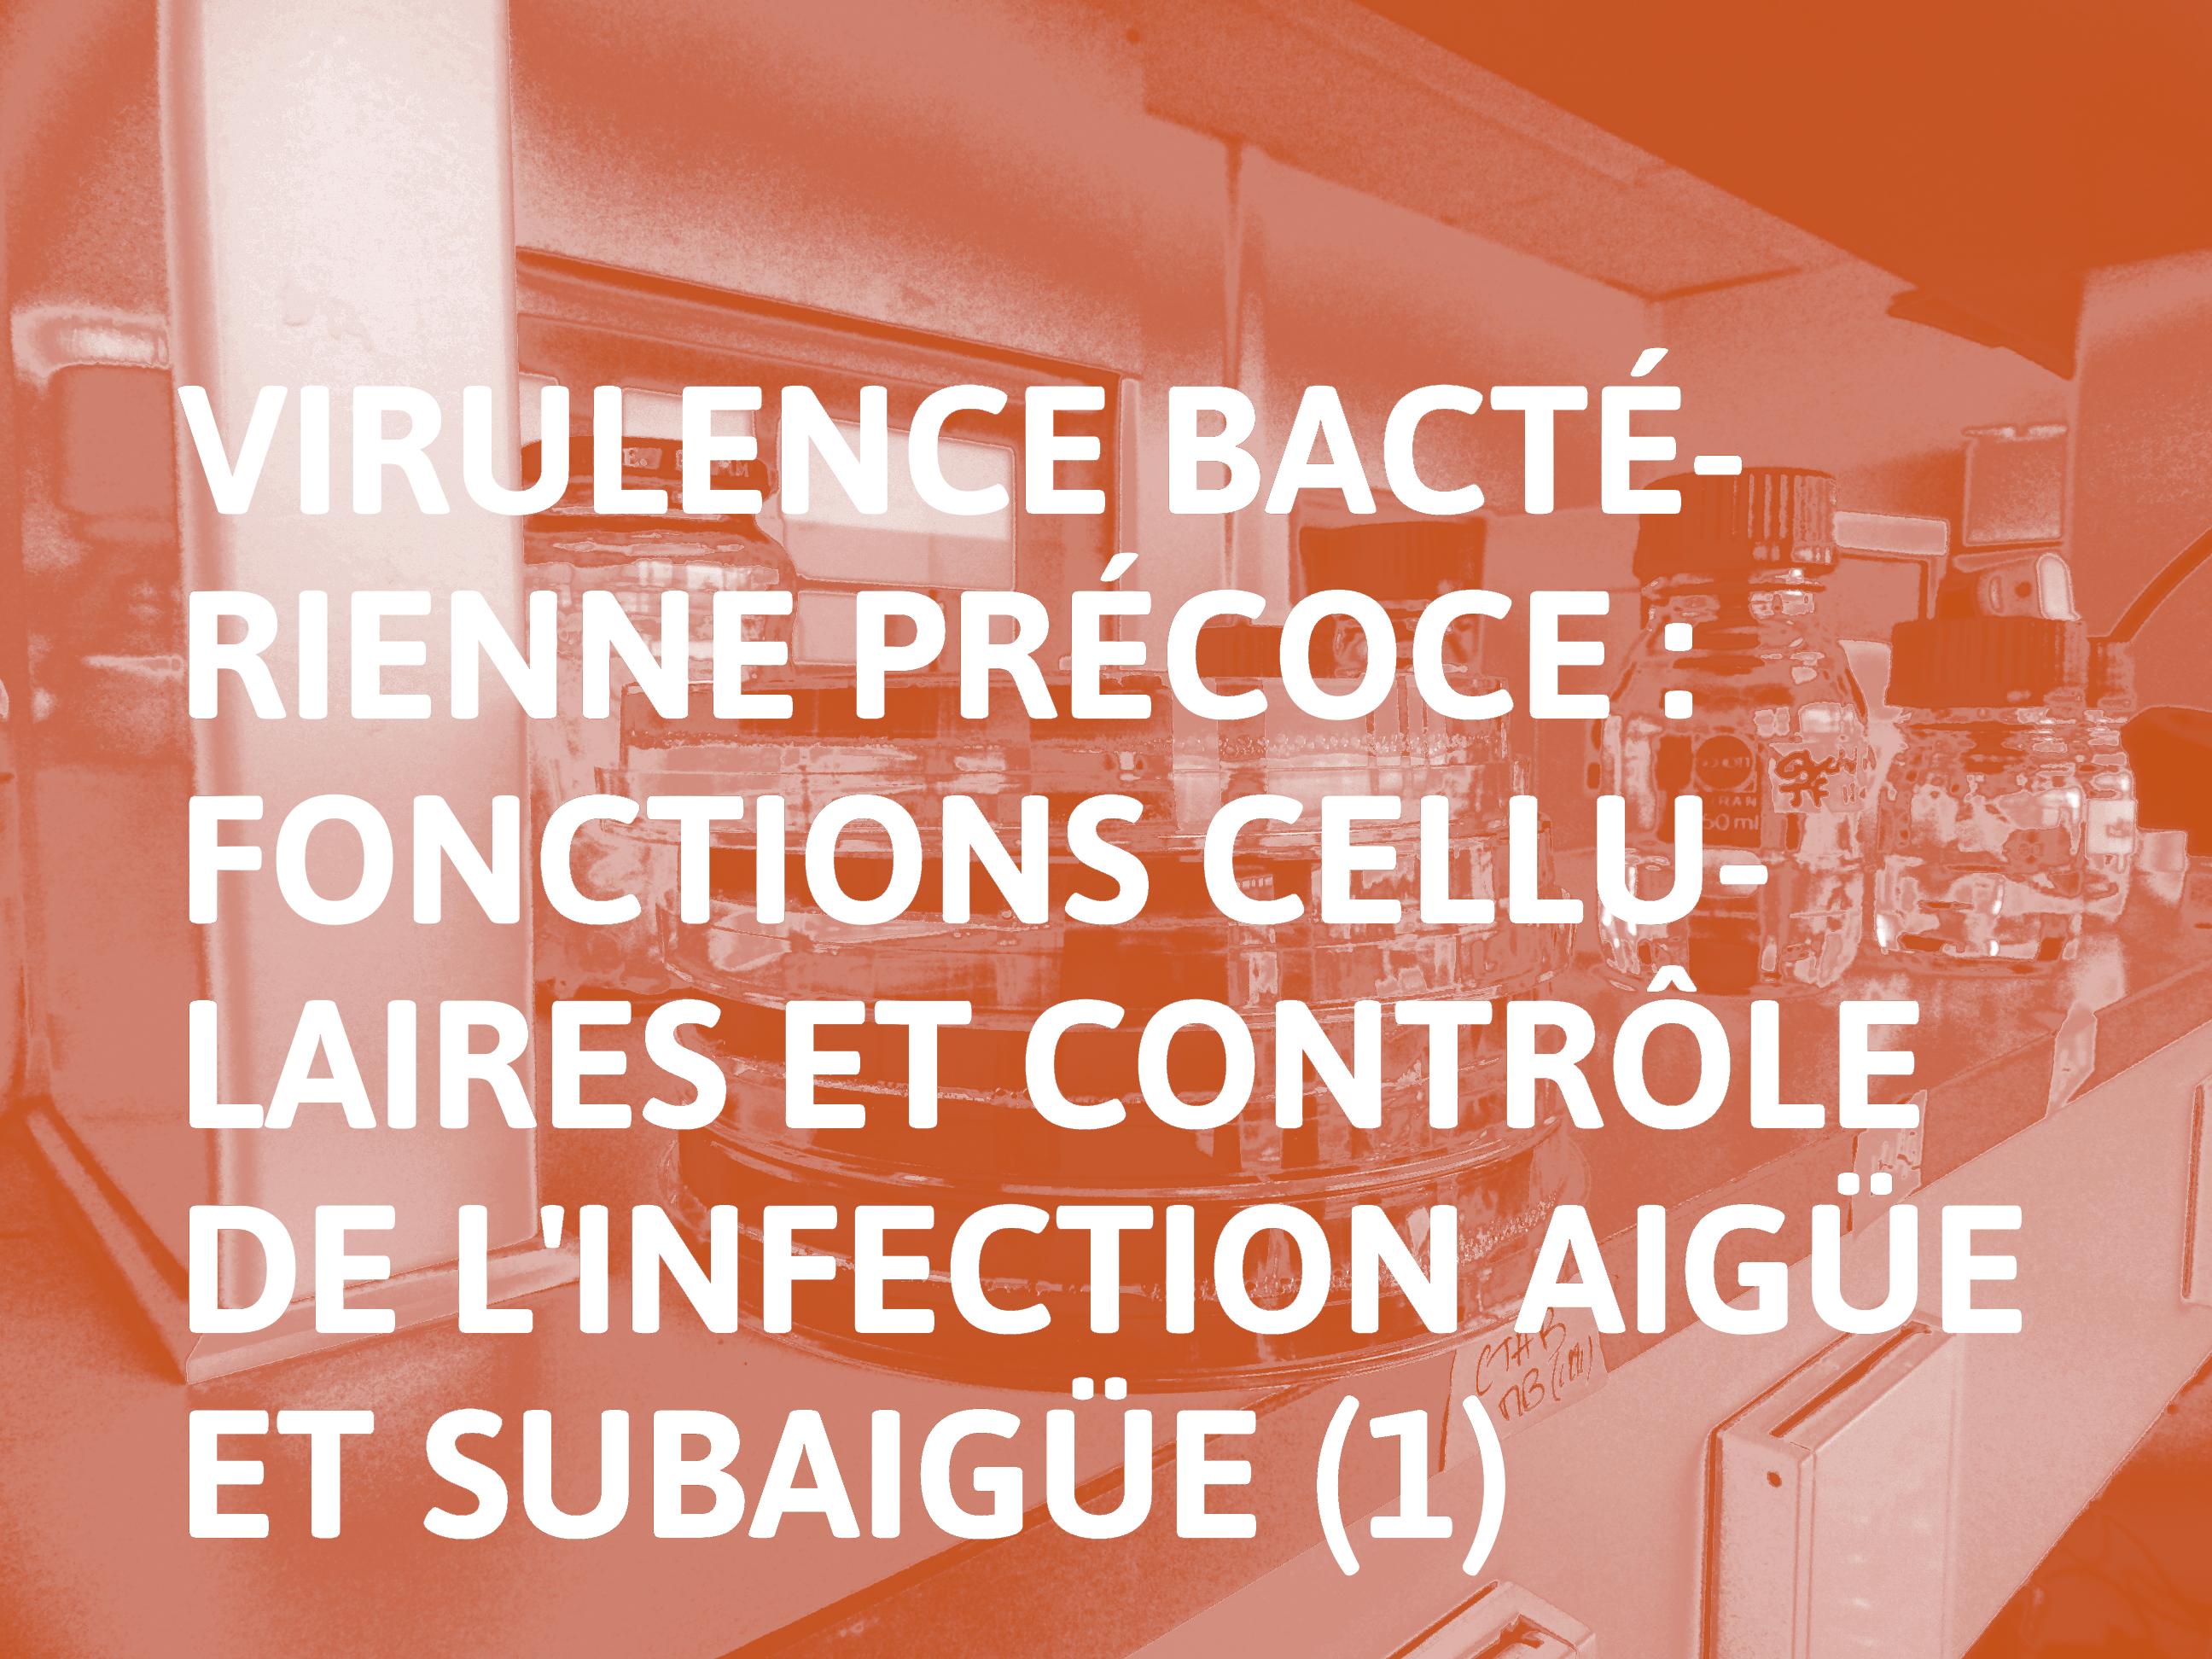 Virulence_bactérienne_précoce_-_fonctions_cellulaires_et_contrôle_de_l'infection_aigüe_et_subaigüe_(